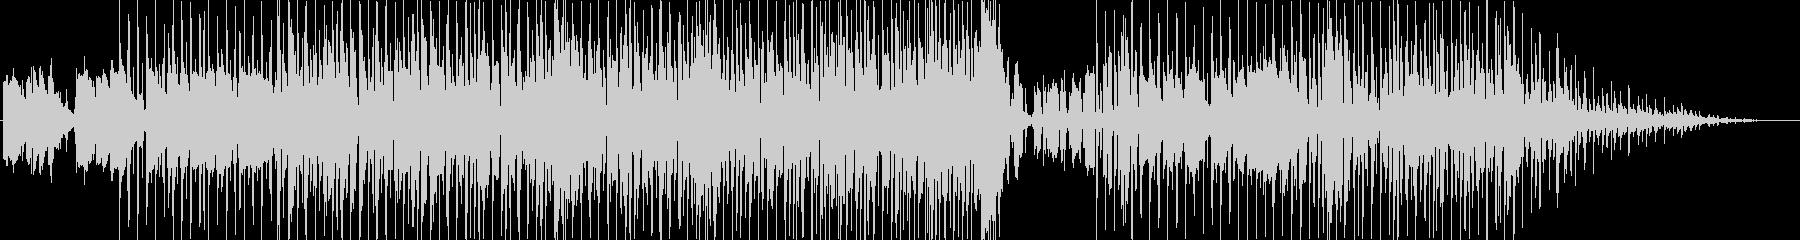 魅力的なイントロの後の歌の種類はキ...の未再生の波形